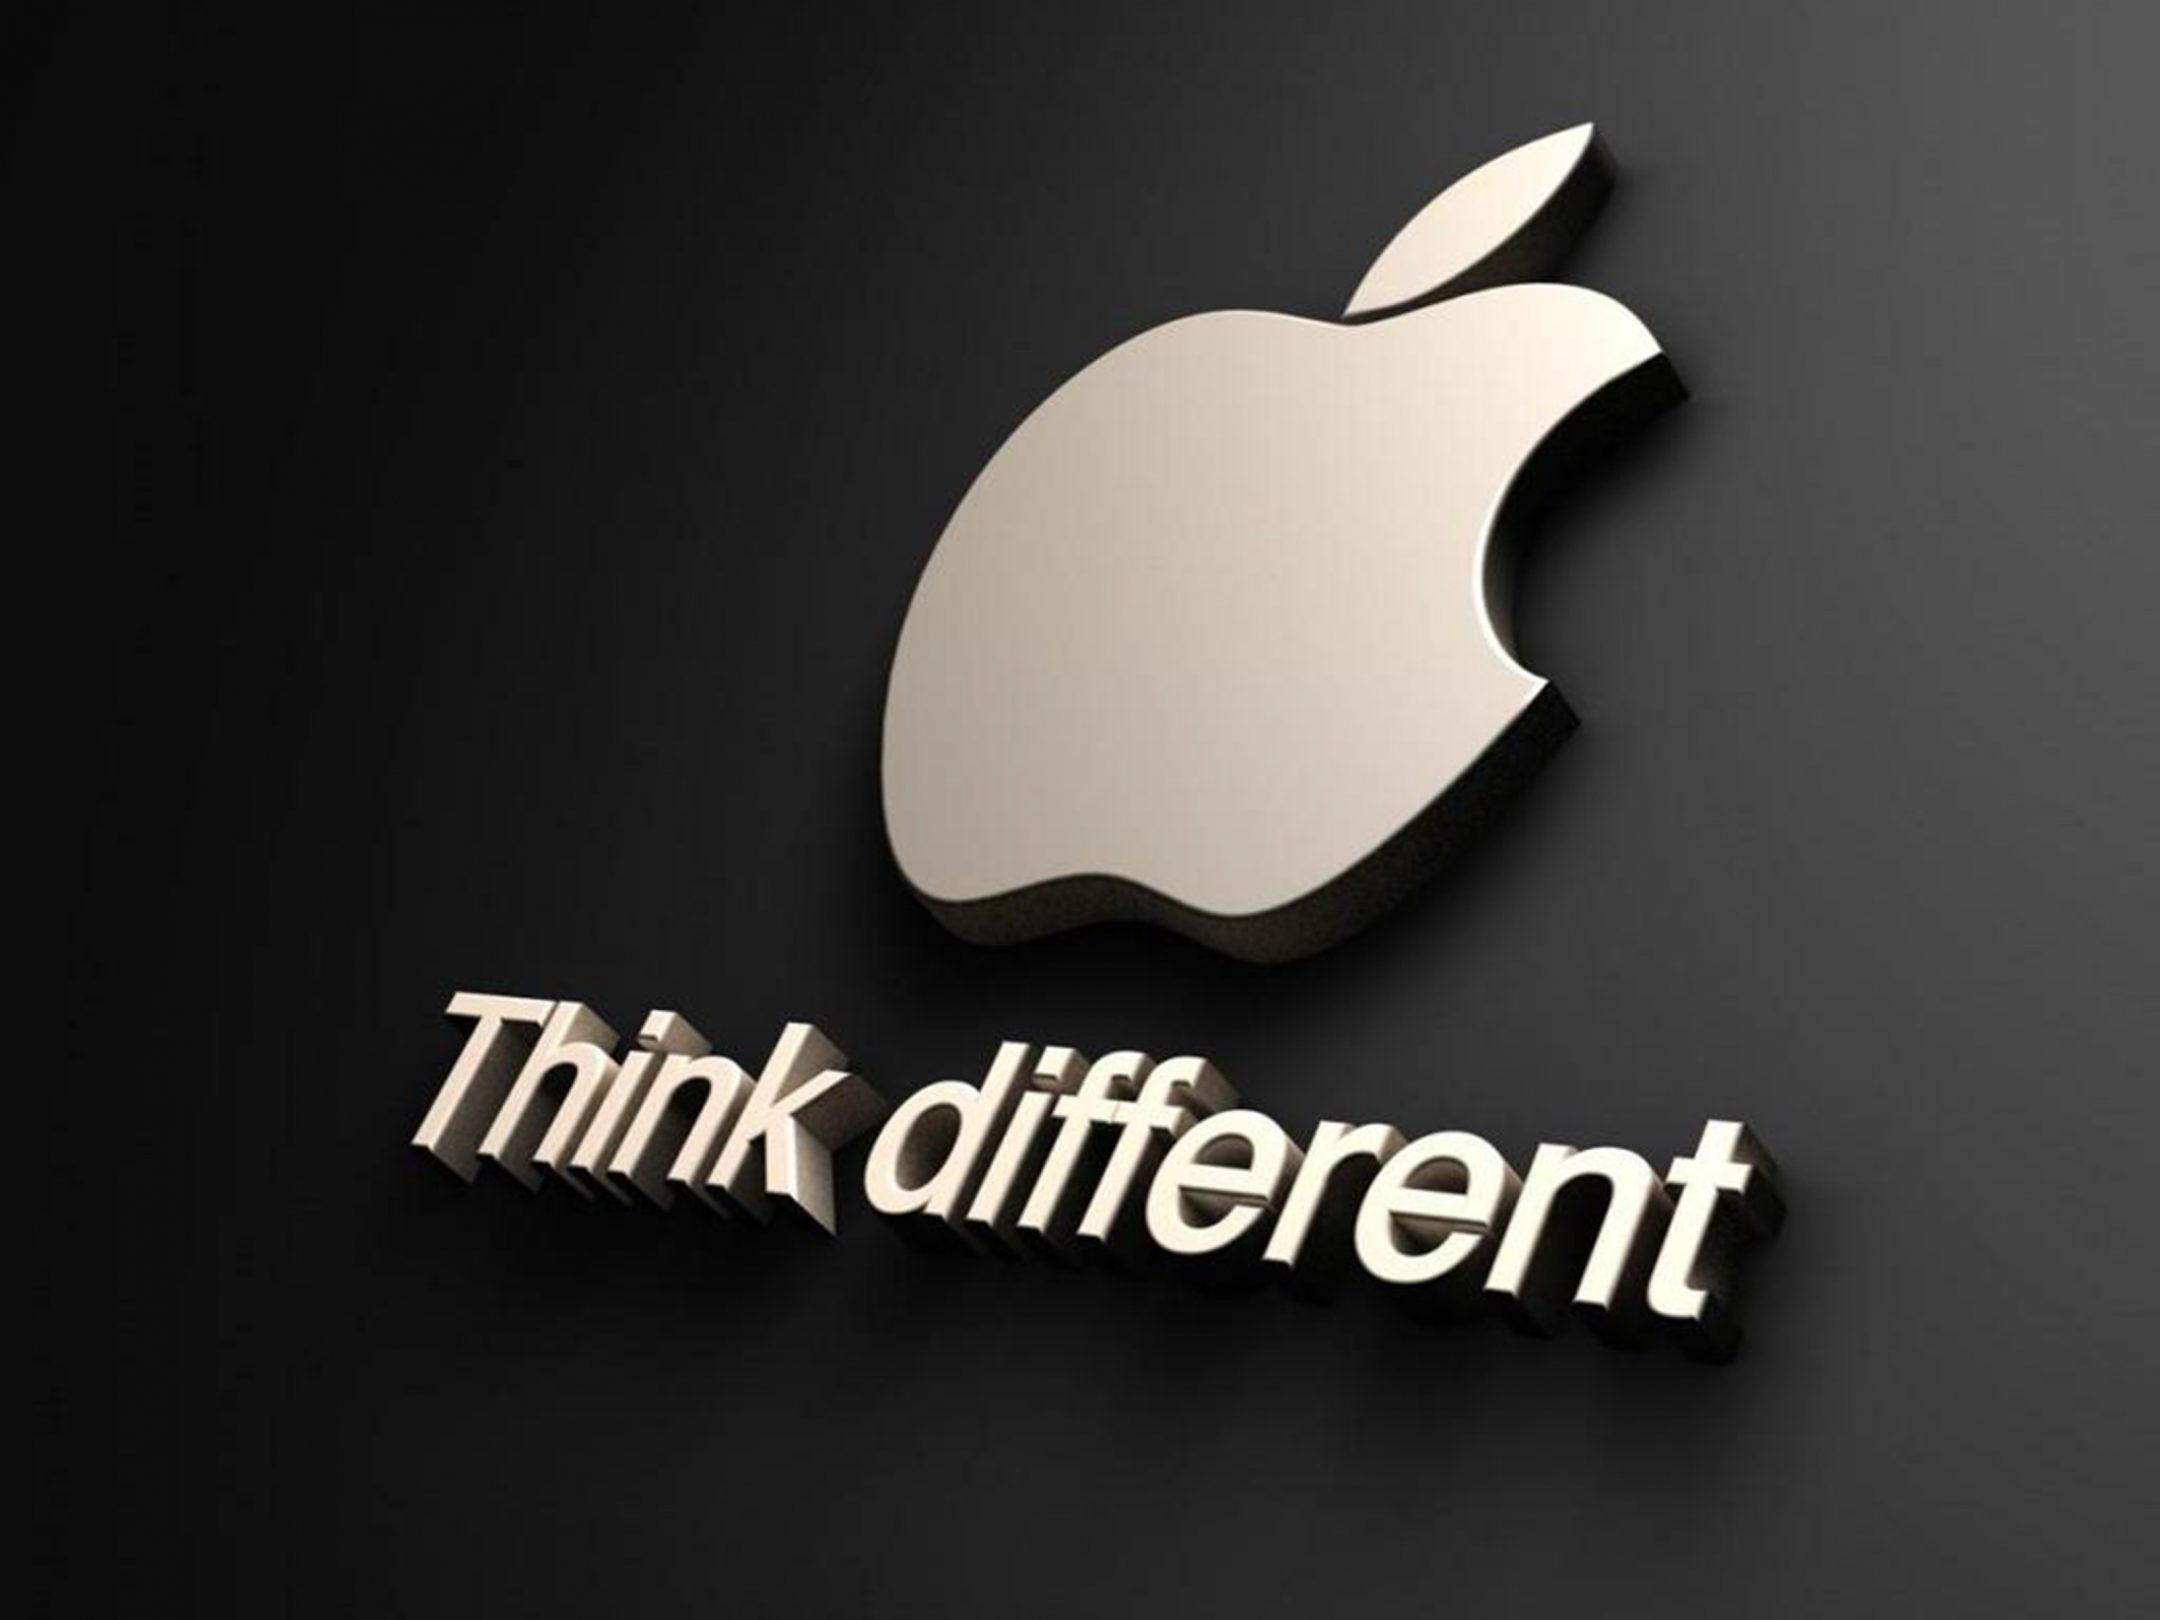 2160x1620 iPad wallpaper 4k Apple Think Different Ipad Wallpaper 2160x1620 pixels resolution